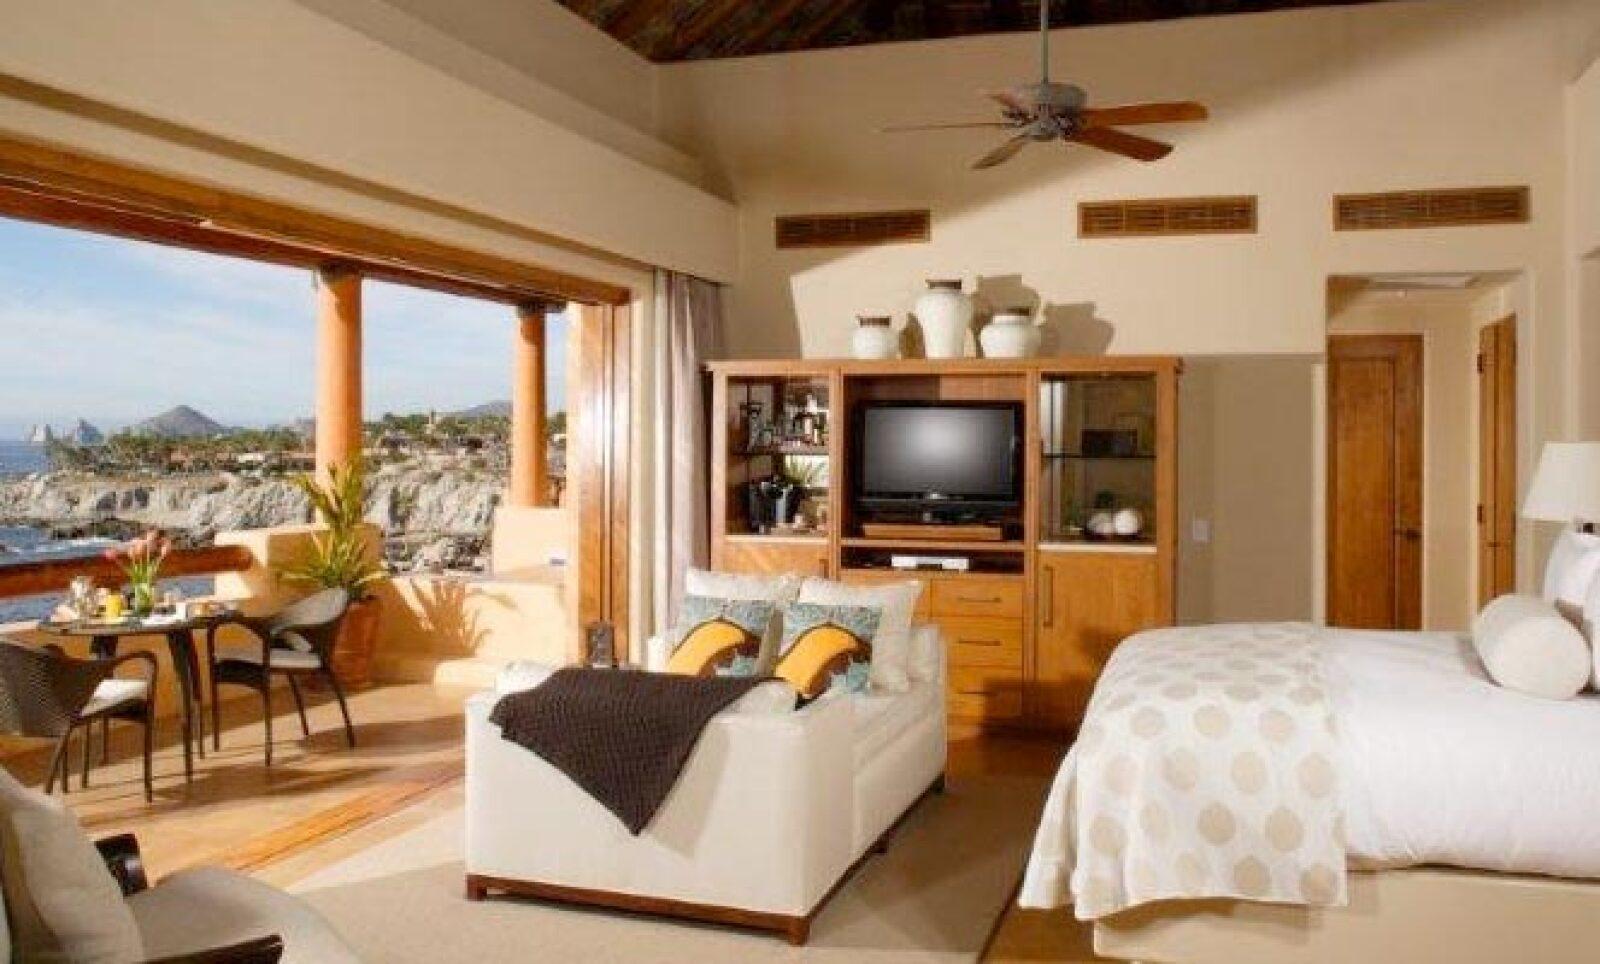 El destino está situado en los riscos que dominan dos ensenadas privadas en Punta Ballena, cerca de Cabo San Lucas.